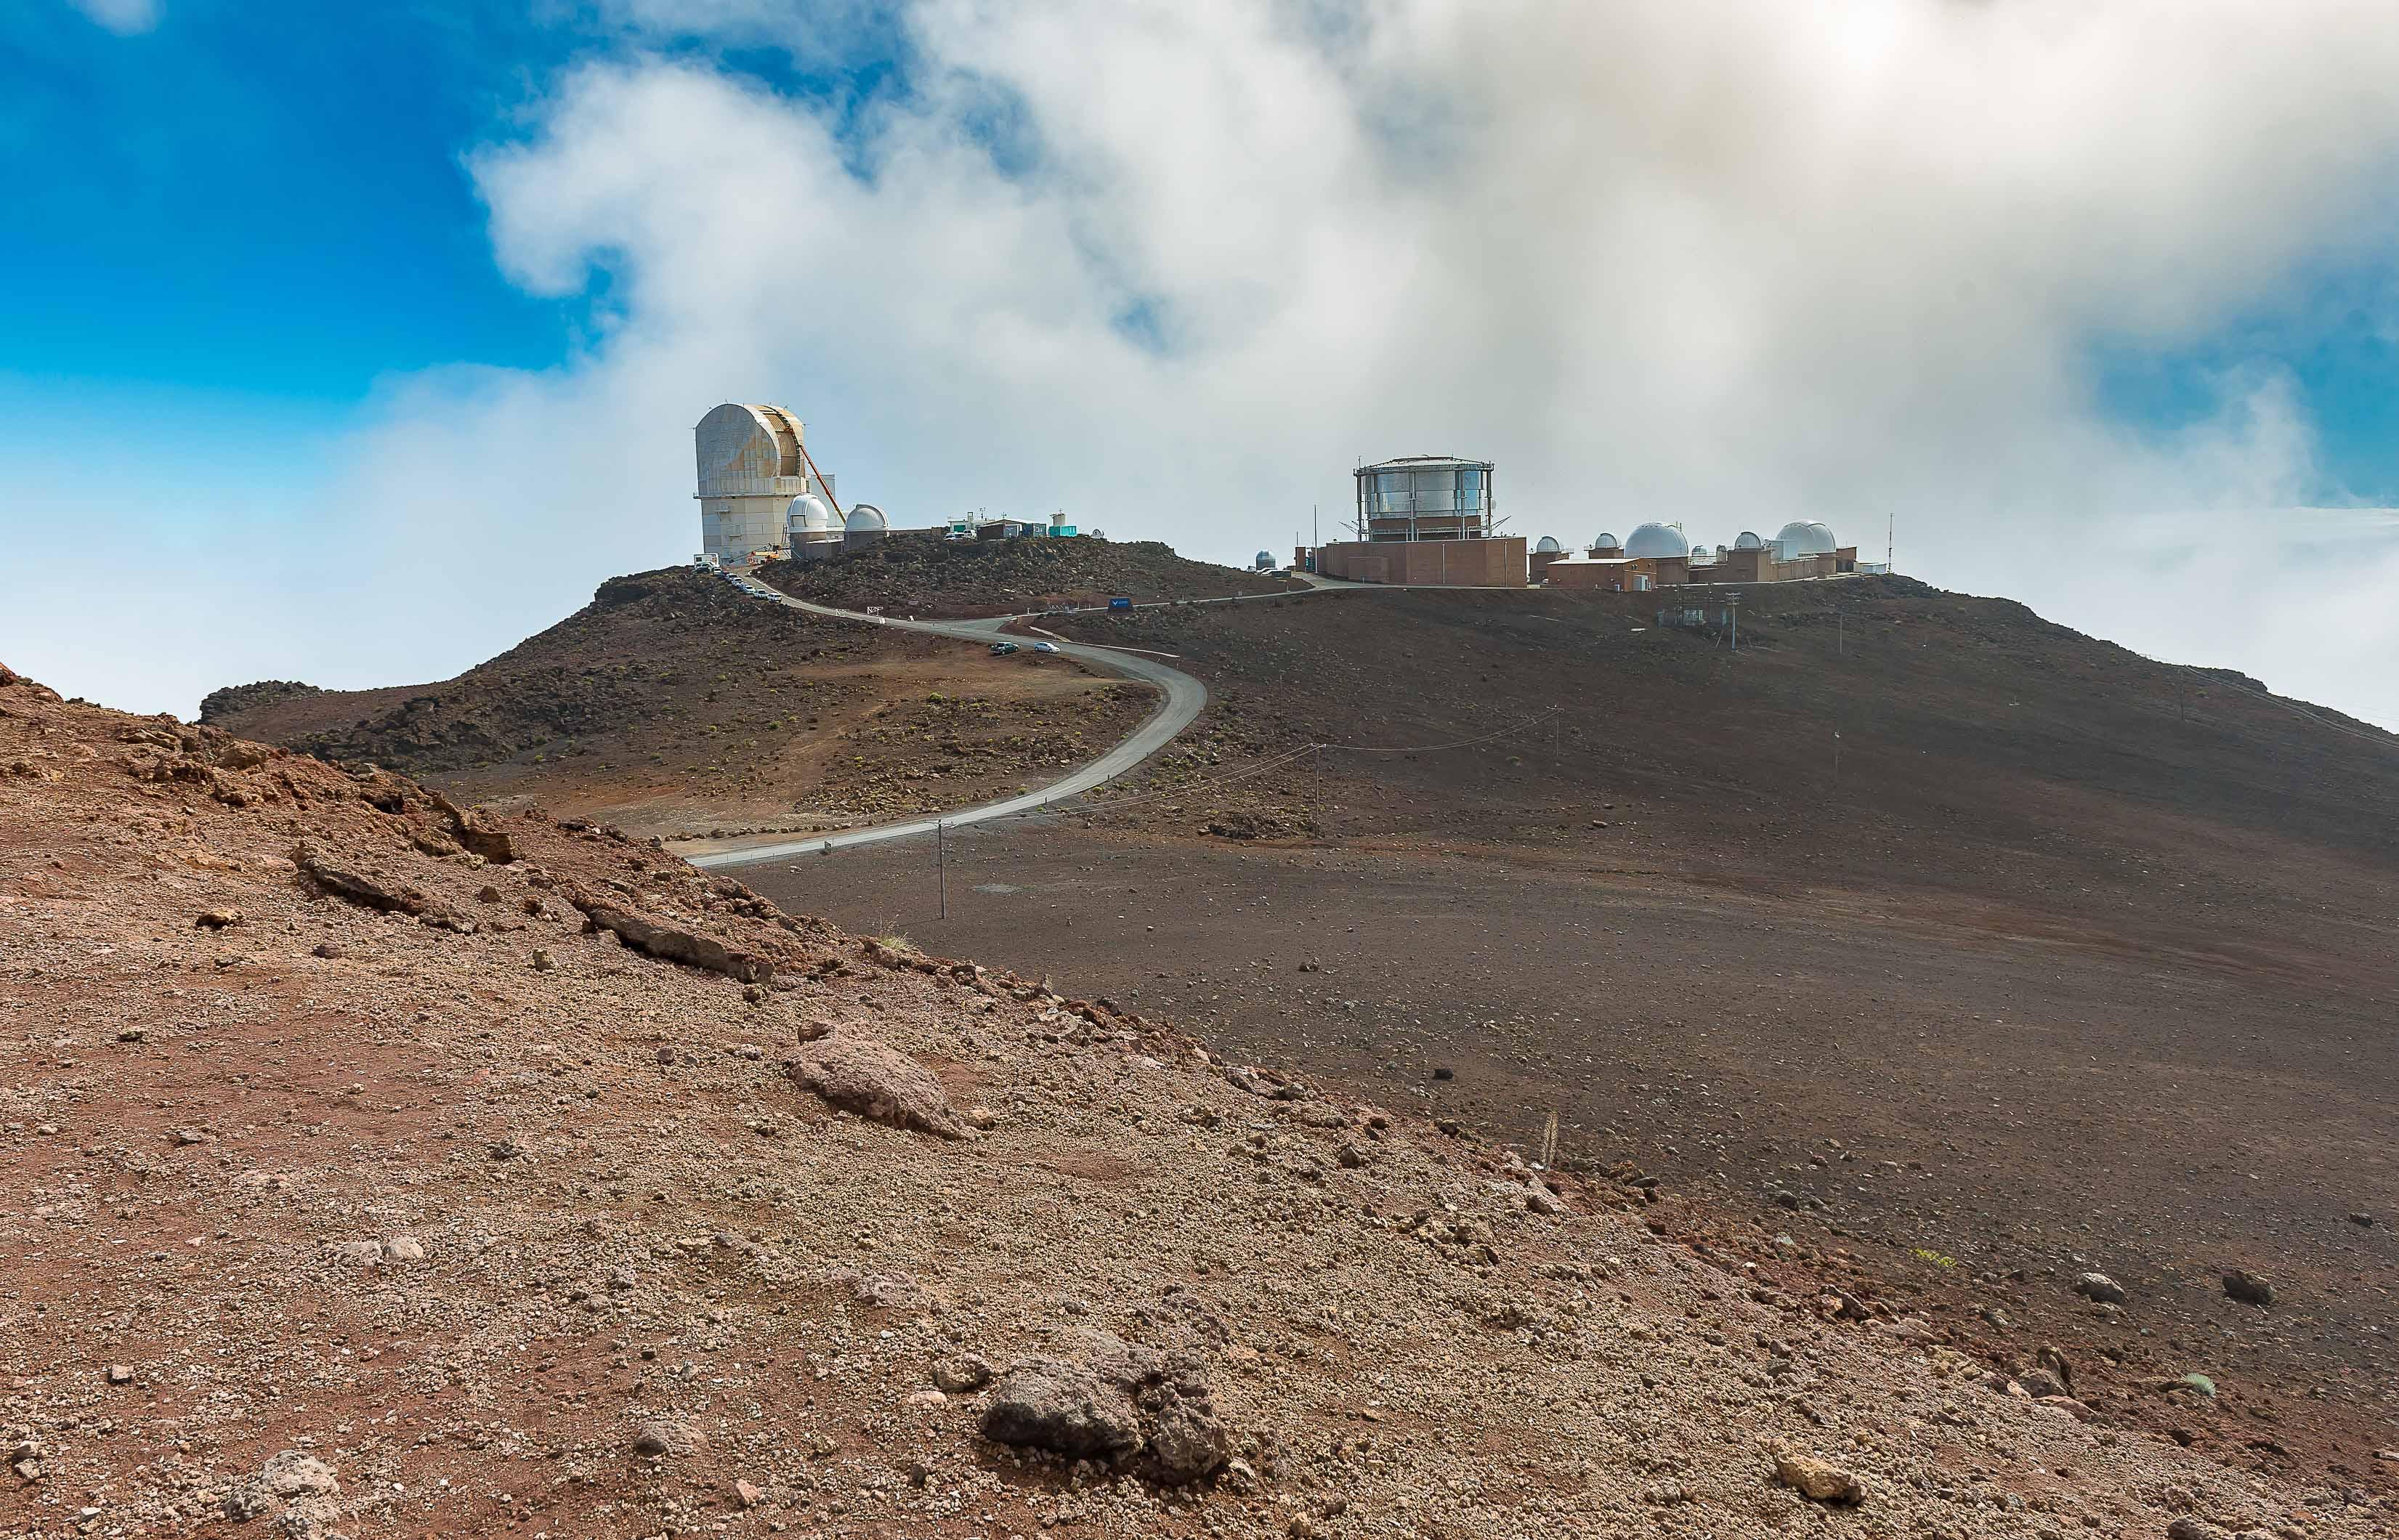 Haleakala Observatory Maui Hawaii USA